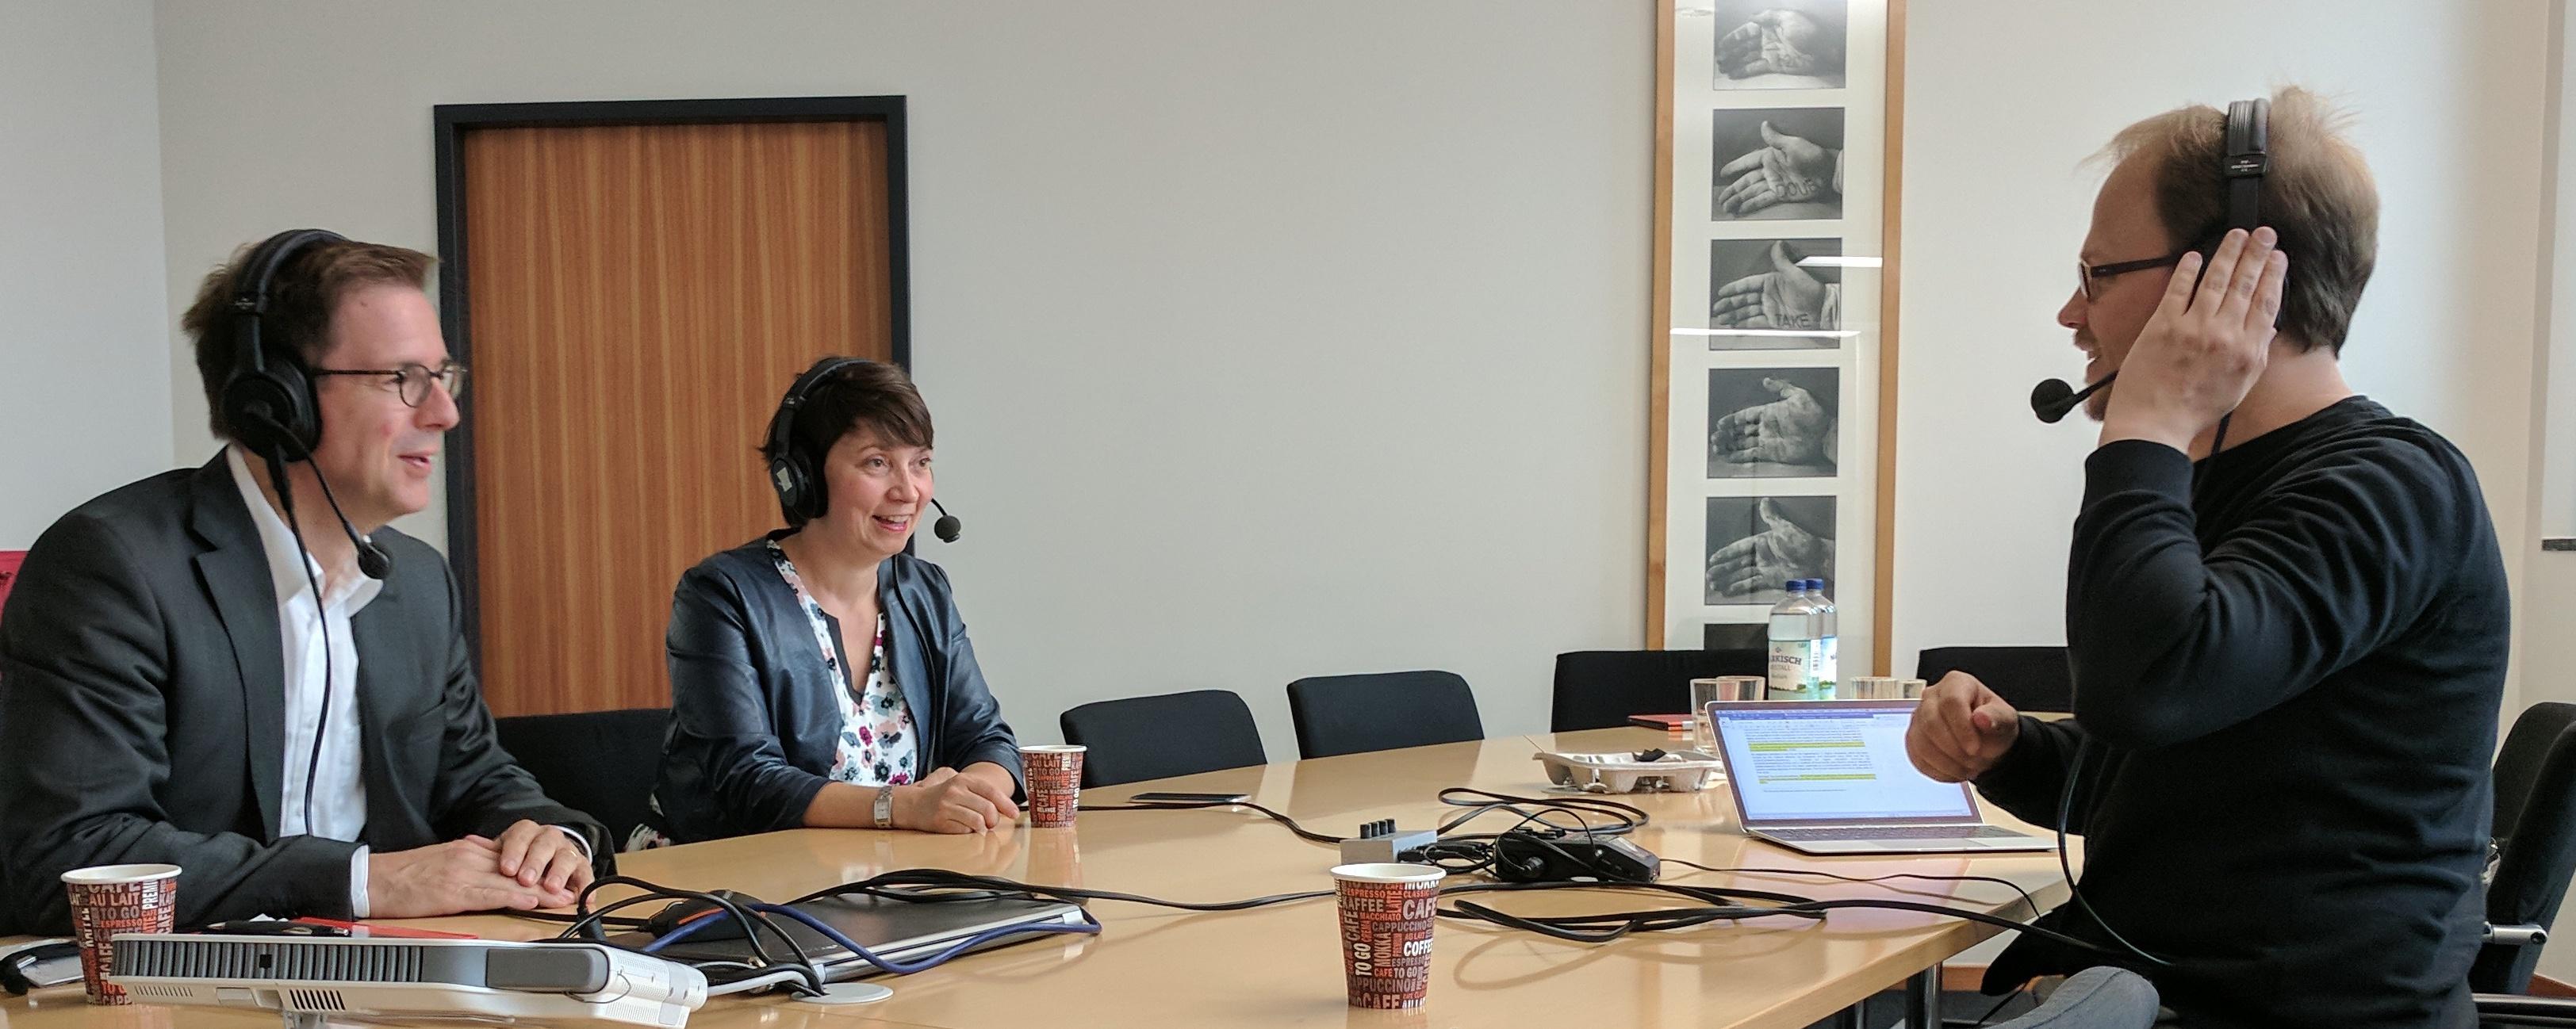 Stephan Pfisterer (li) und Perrine de Coëtlogon (Mitte) im Gespräch mit Jöran Muuß-Merholz (re), Foto von Elena Janßen CC BY 4.0